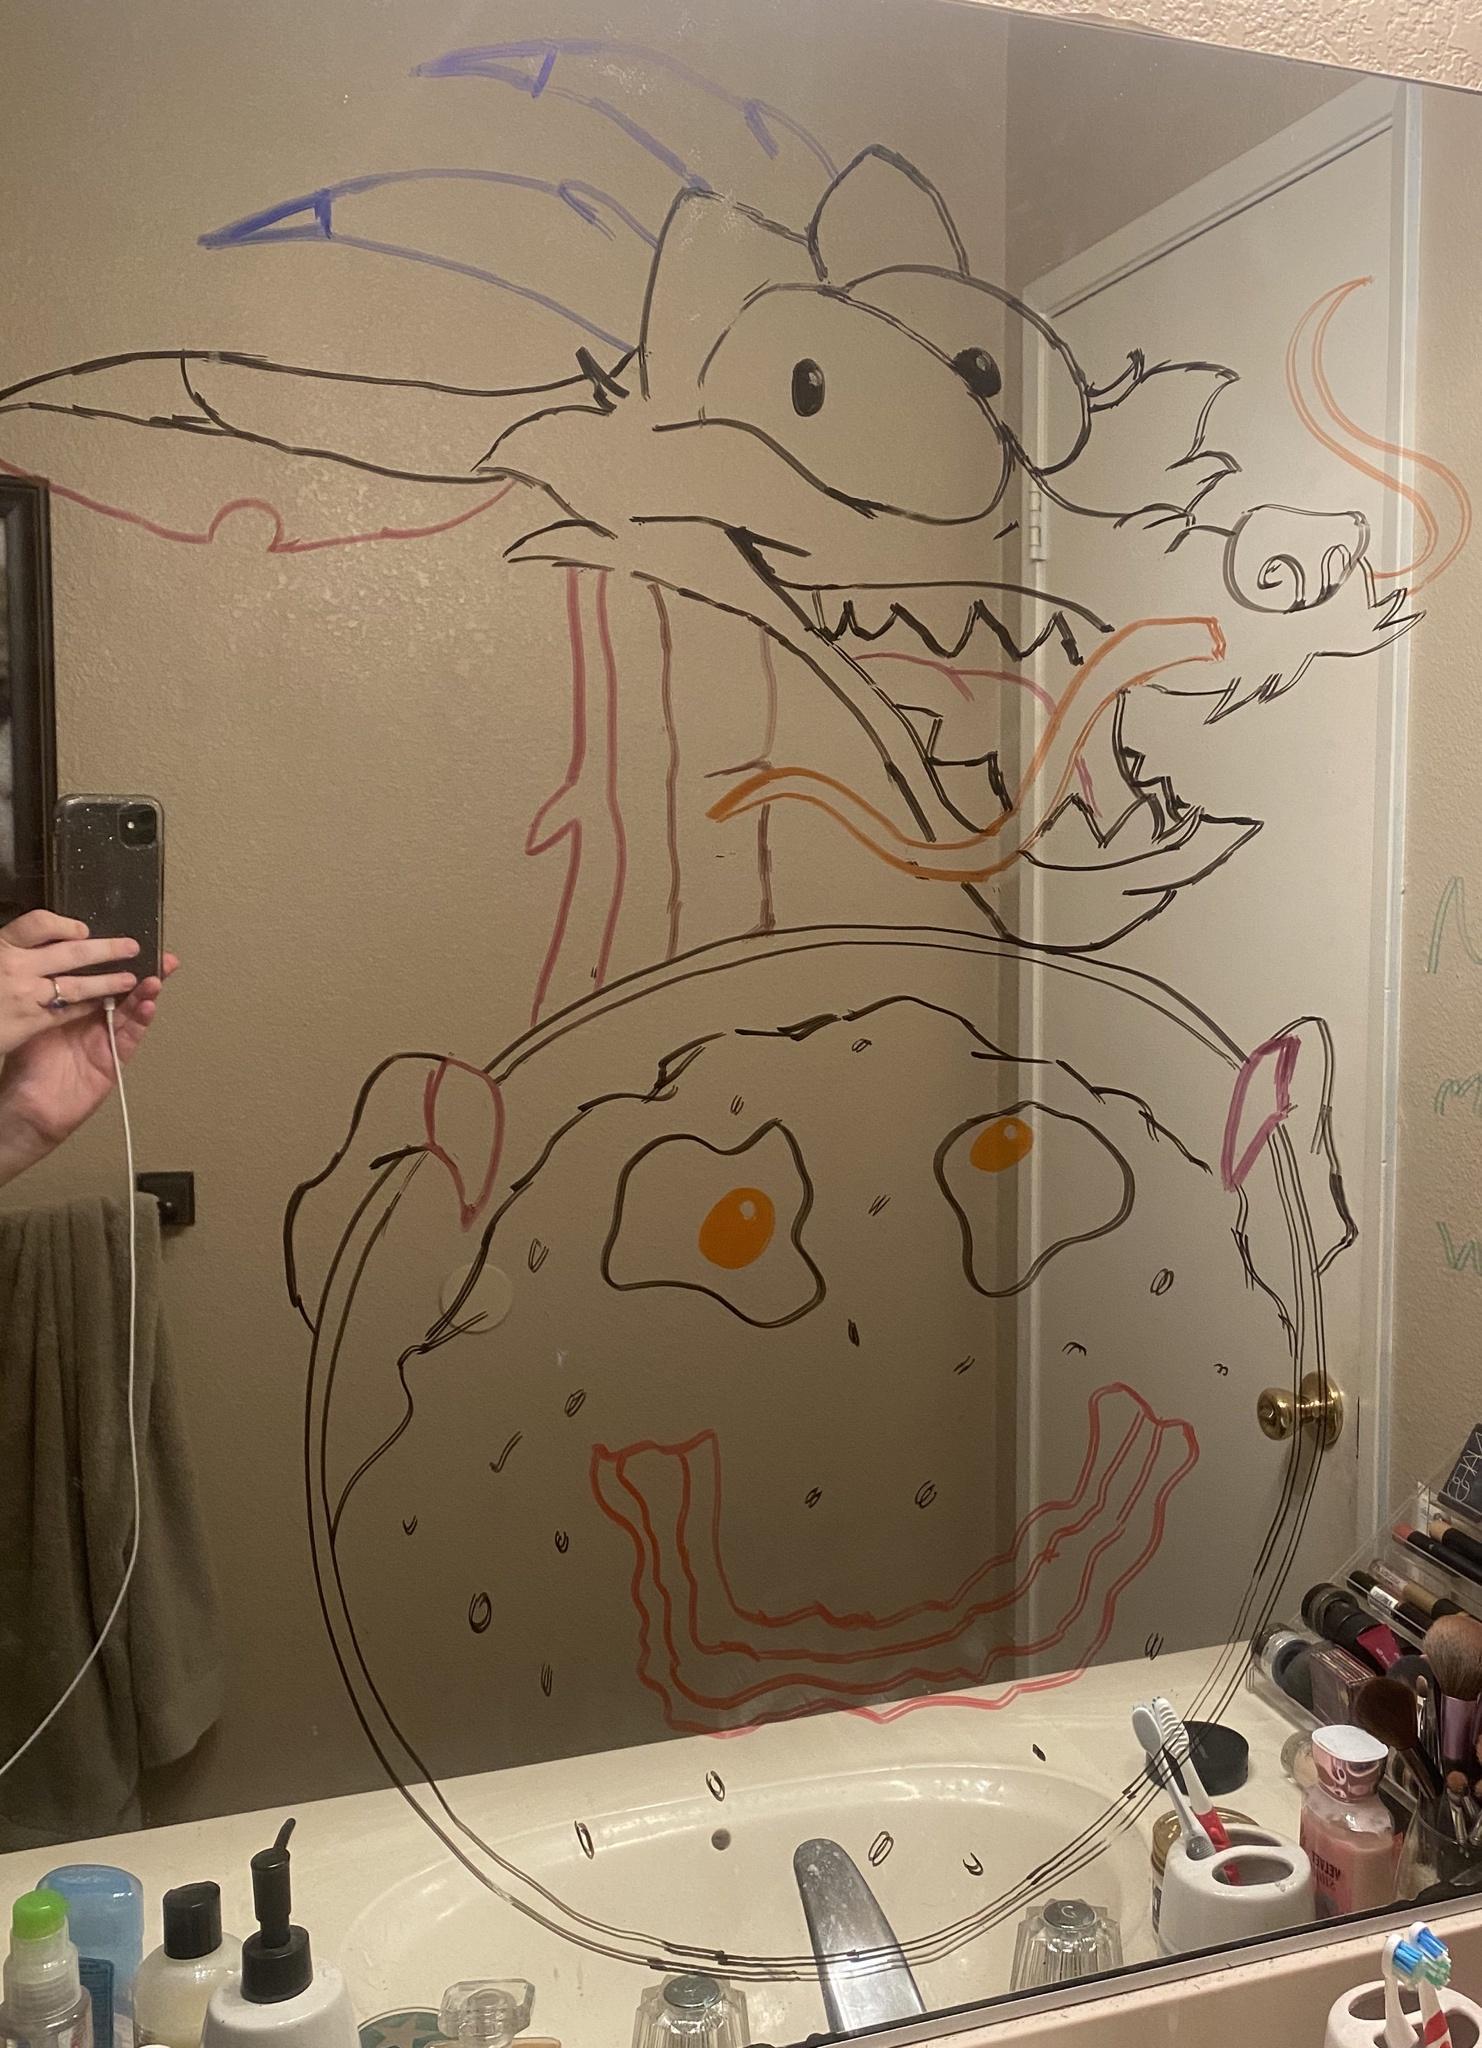 Marido faz desenhos hilários no espelho do banheiro para esposa ir trabalhar mais relaxada 6